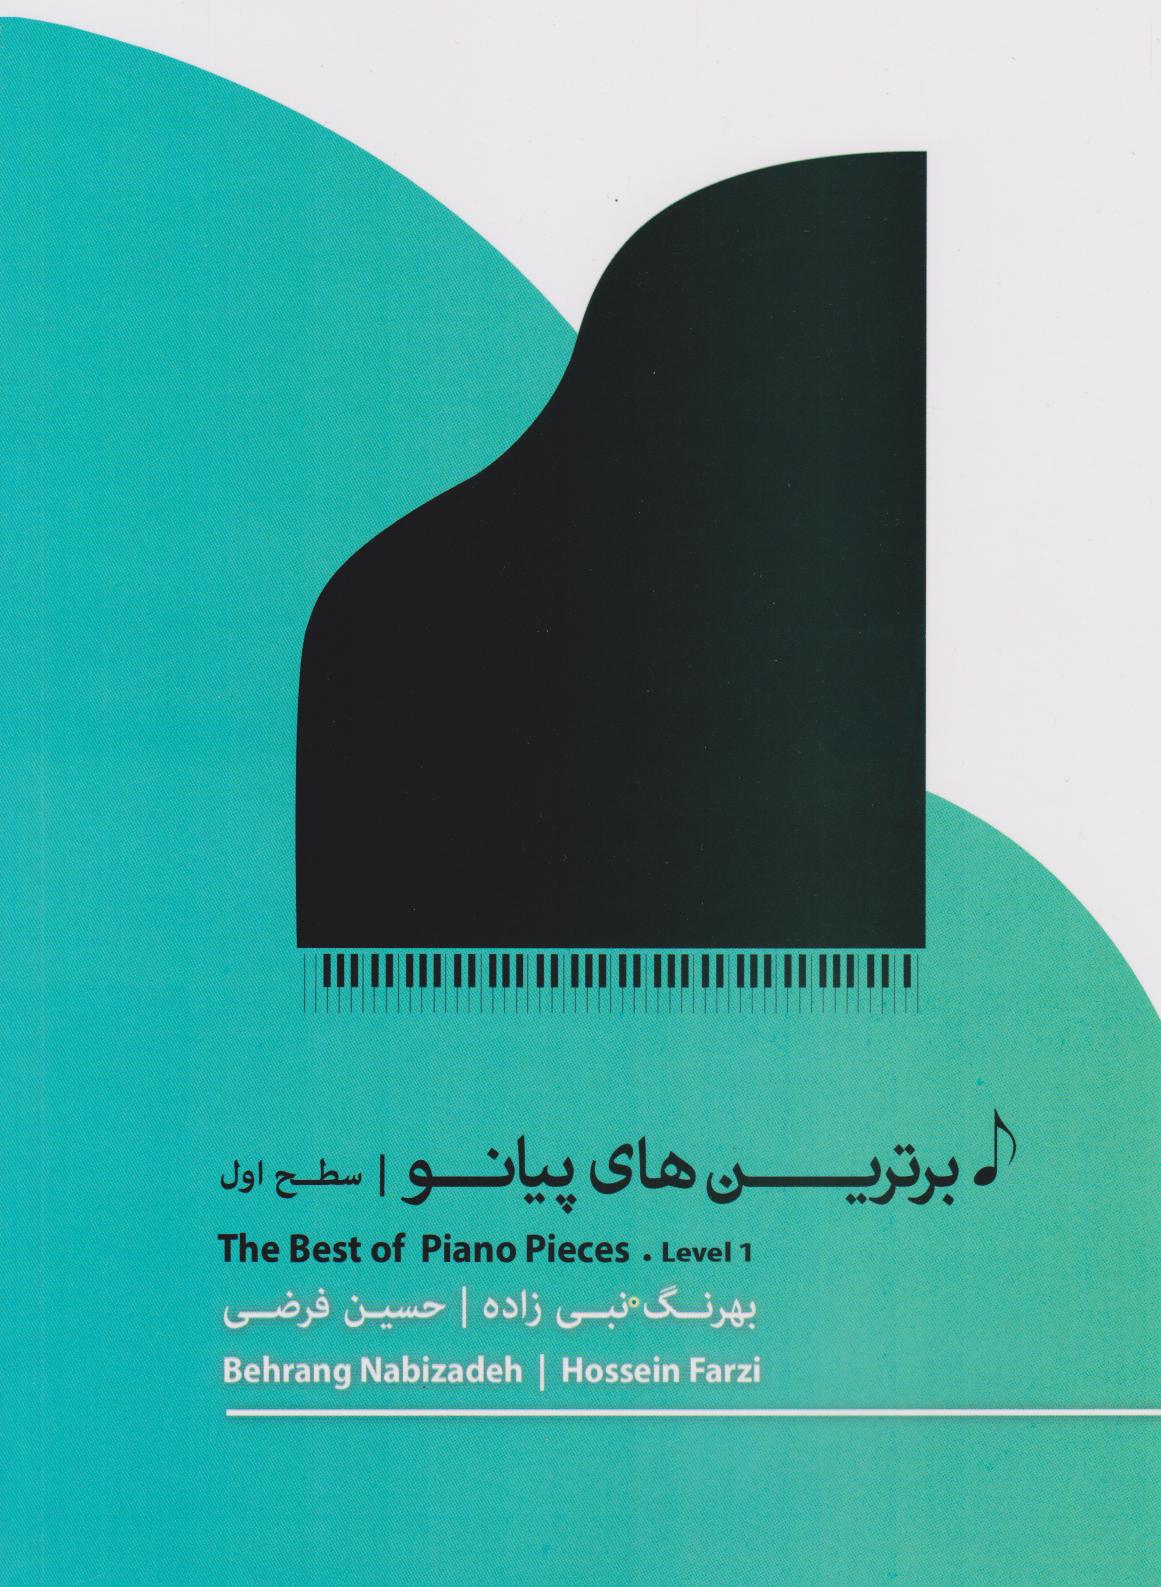 کتاب اول برترینهای پیانو بهرنگ نبیزاده حسین فرضی